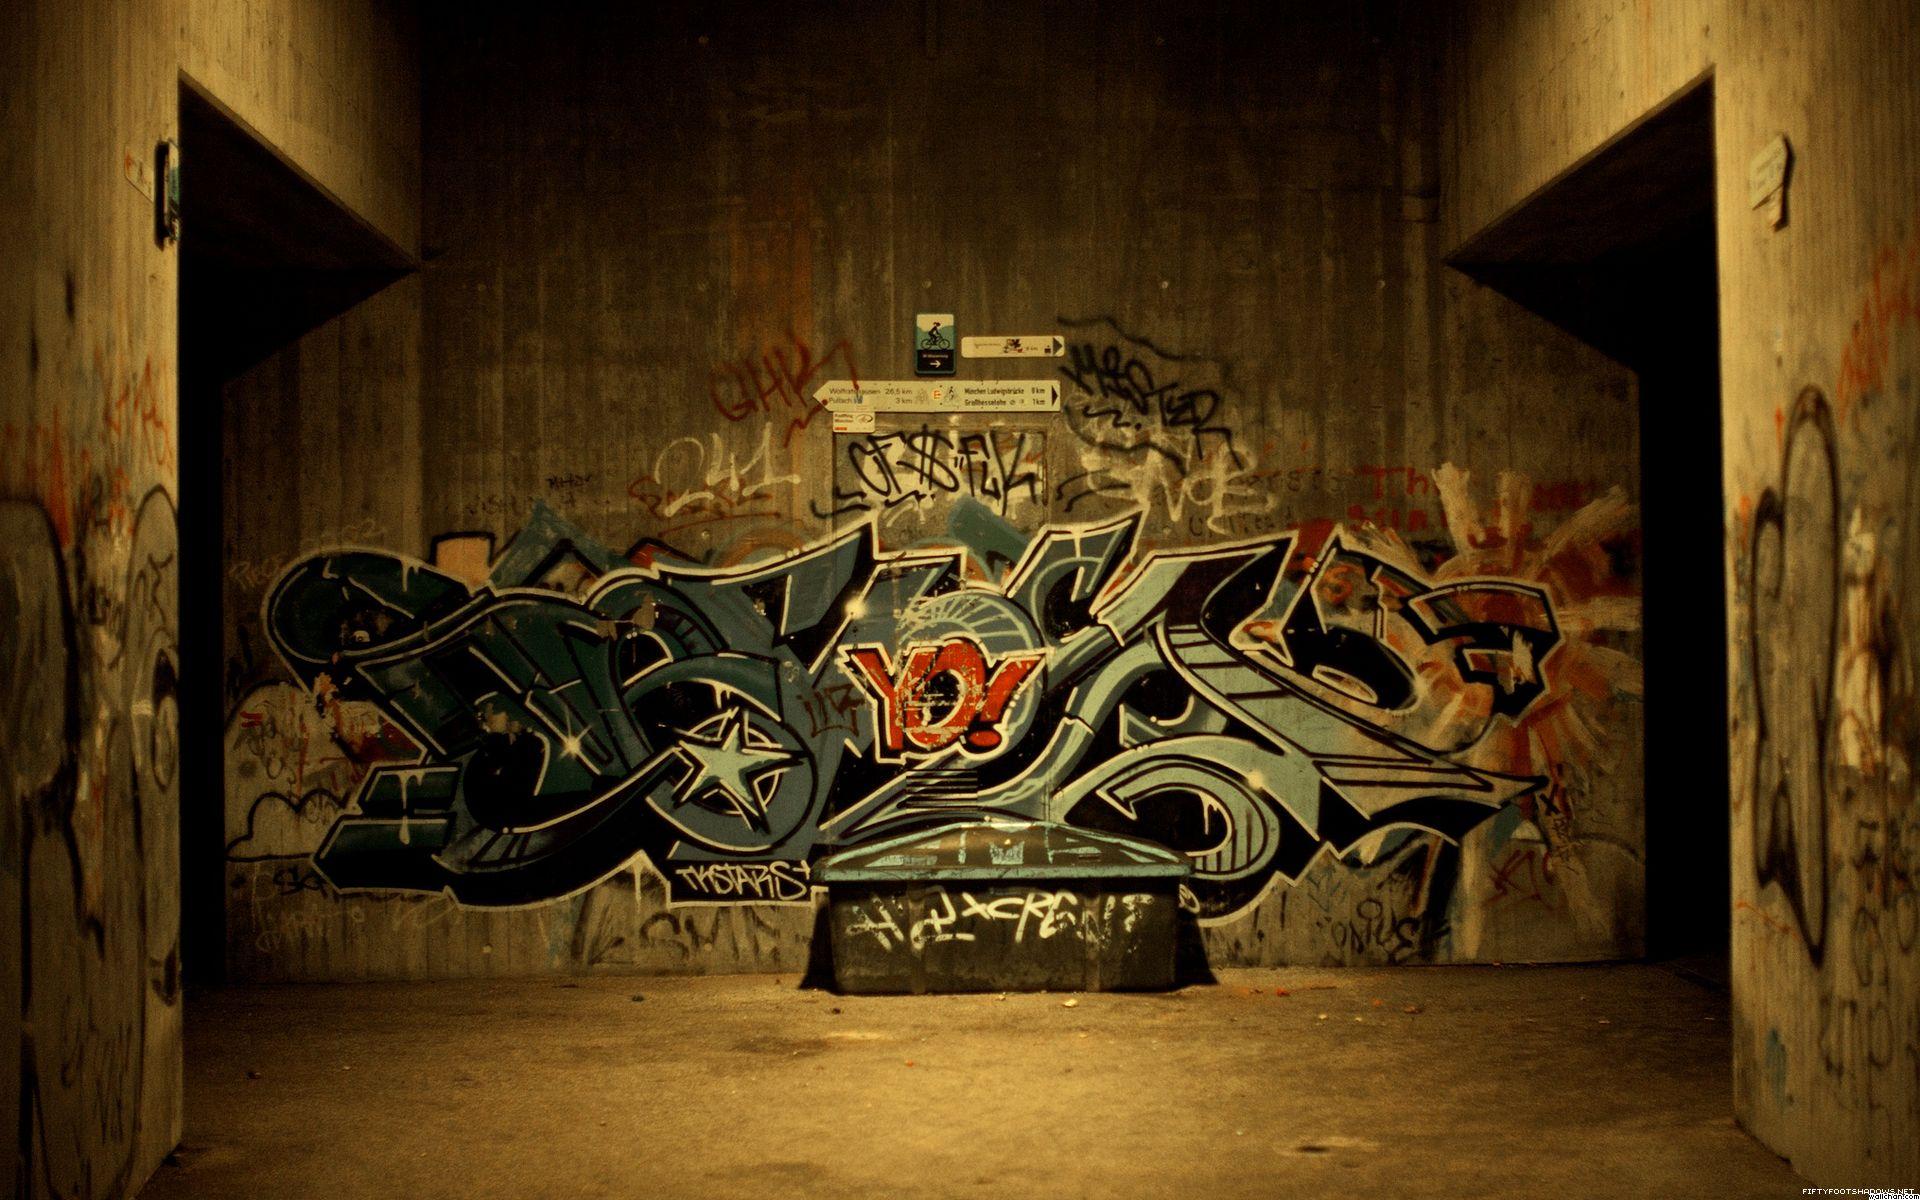 Hip Hop Graffiti Unique Wallpaper 1920x1200 Full HD Wallpapers 1920x1200